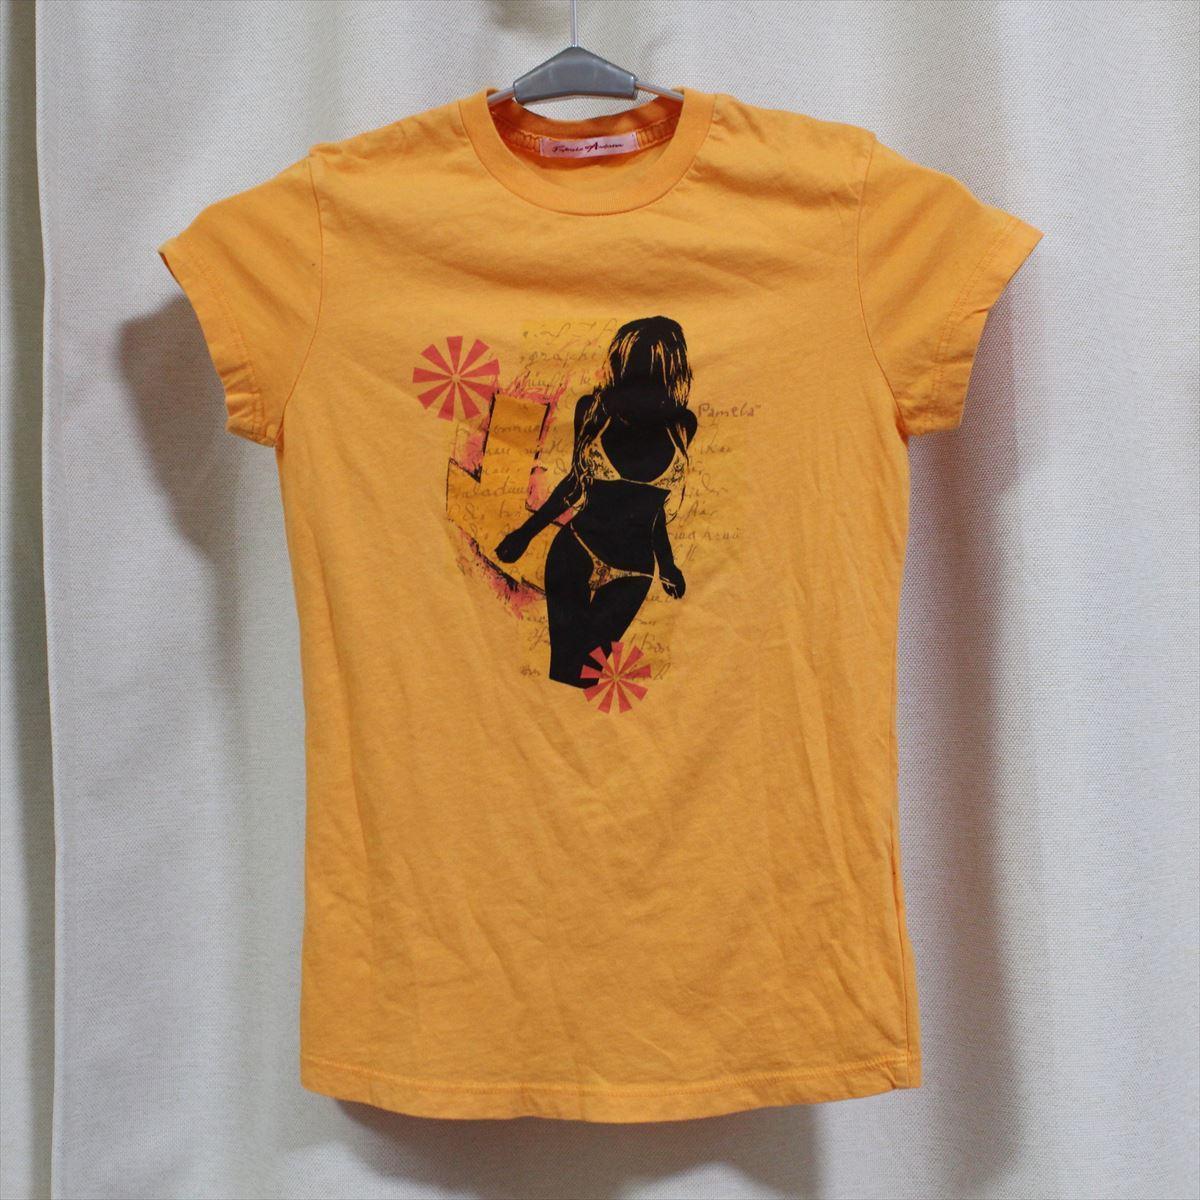 パメラアンダーソン Pamera Anderson レディース半袖Tシャツ オレンジ Sサイズ アウトレット 新品_画像1